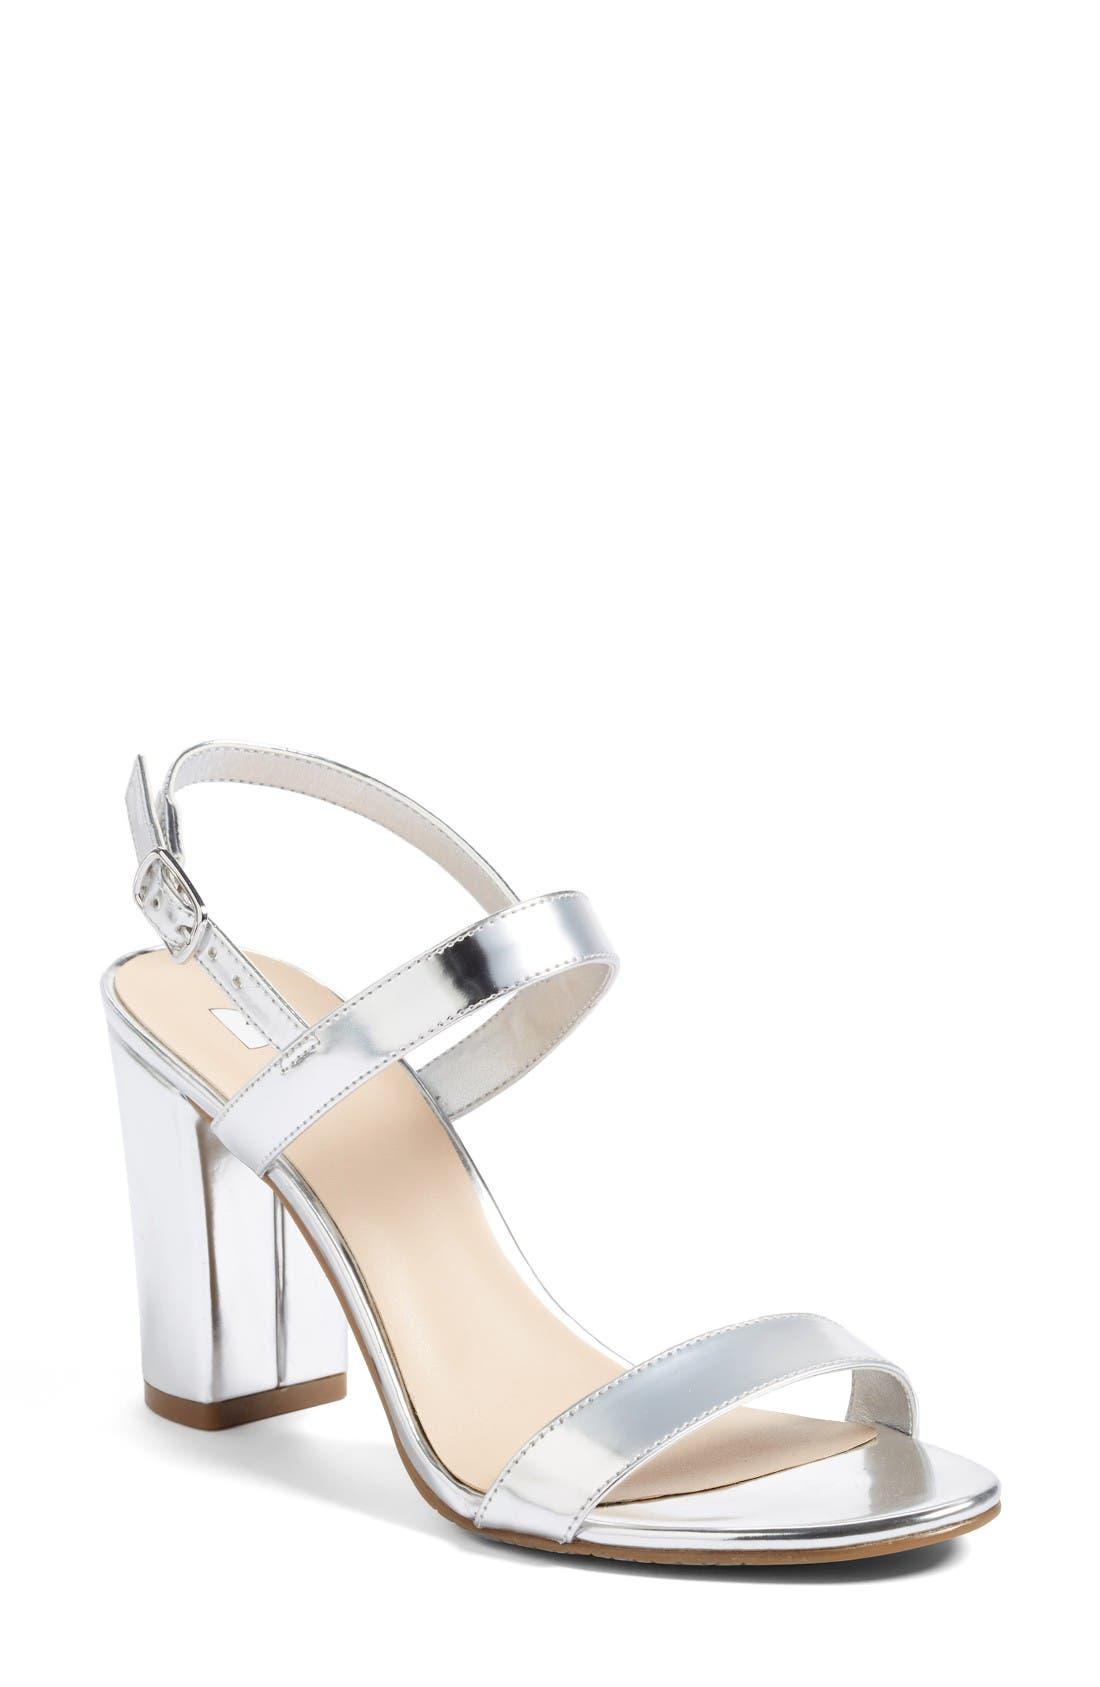 Silver Metallic Heels w0TXsKJE